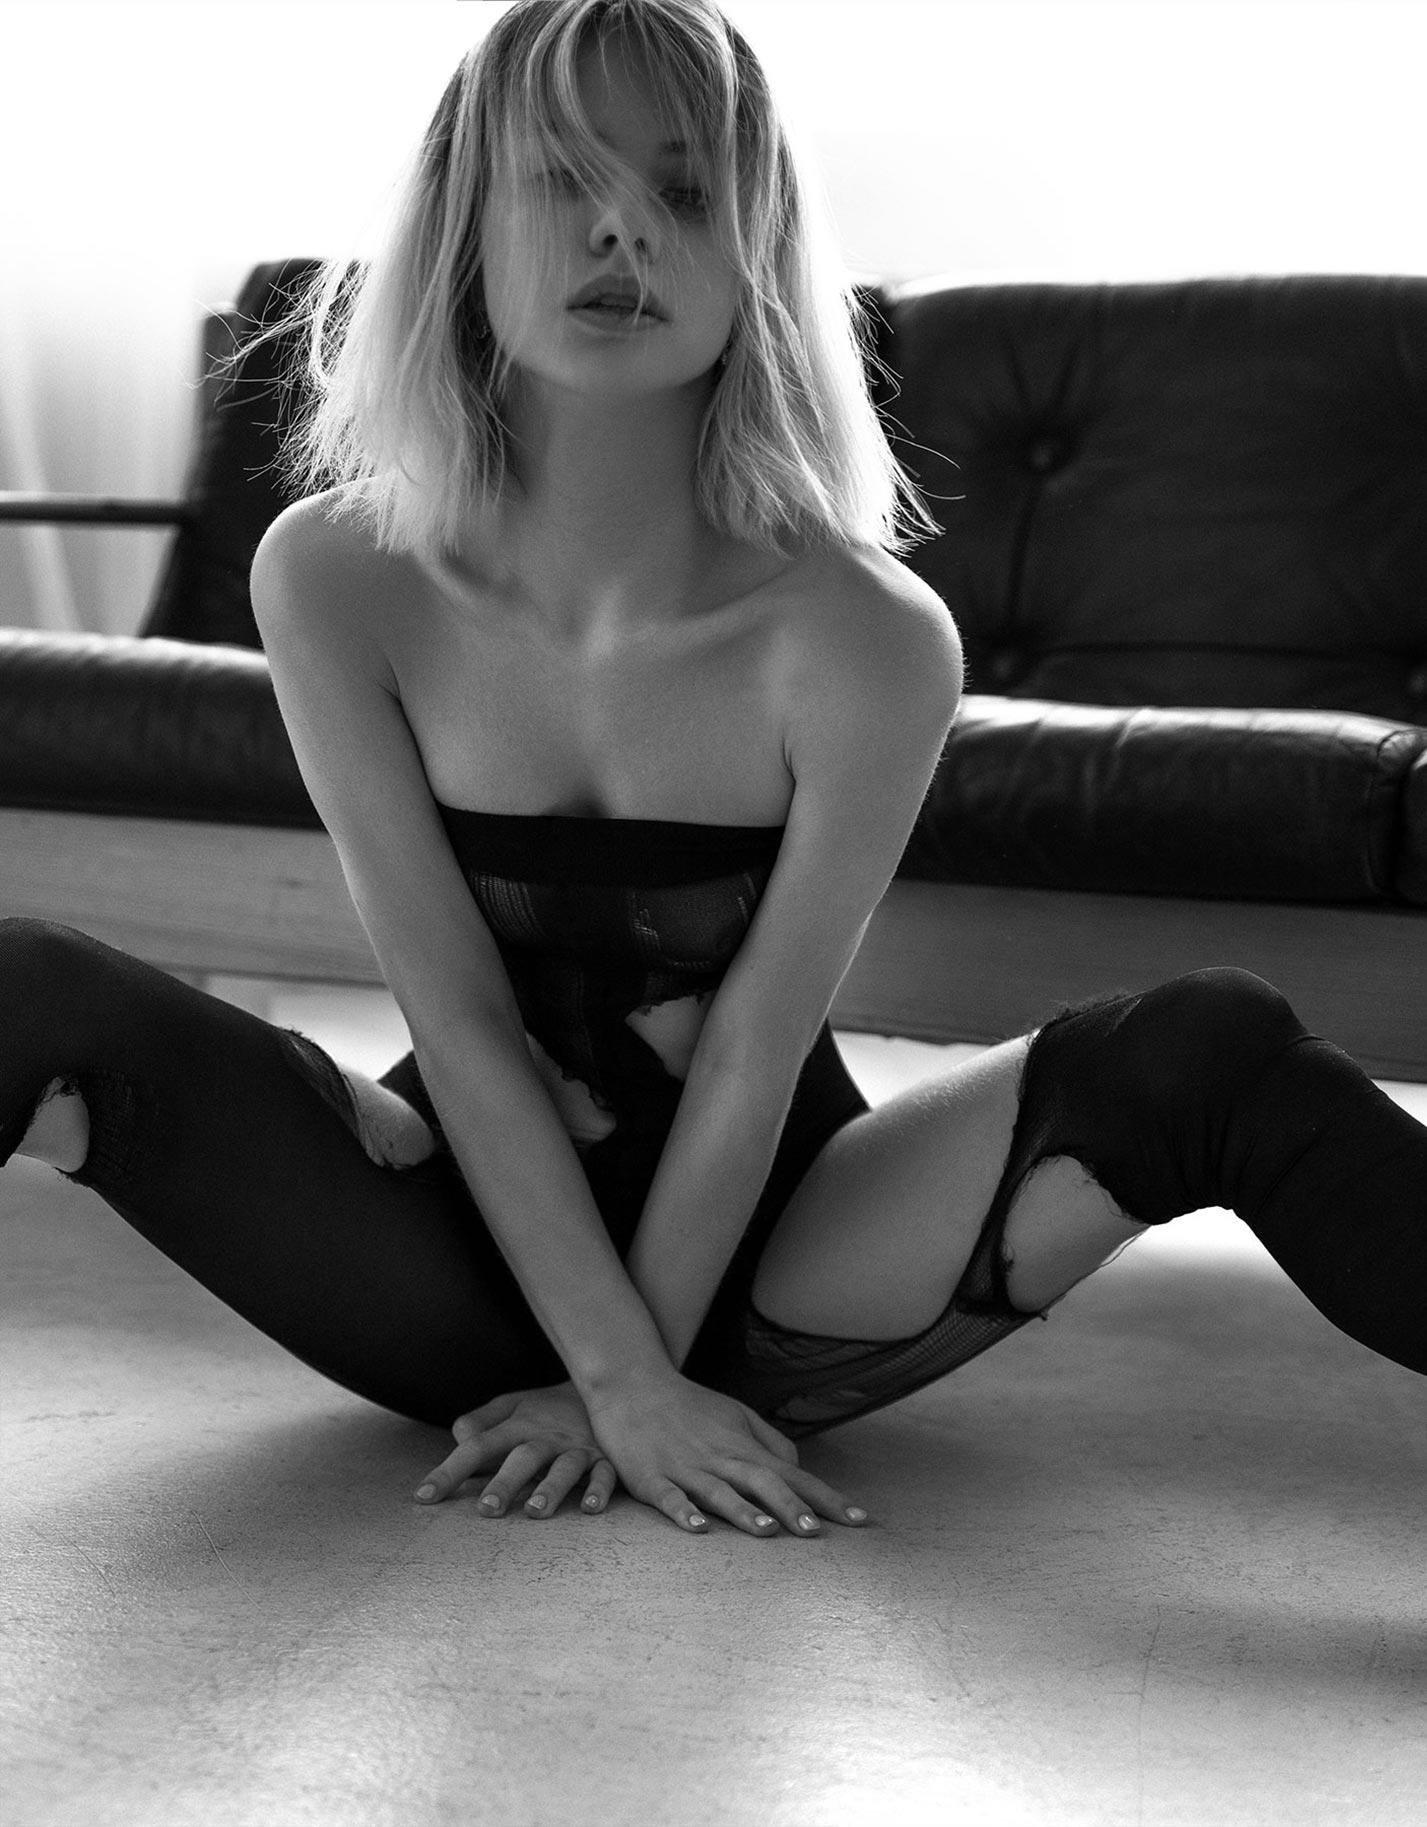 Александра Смелова в рваных колготках на кожаном диване / фото 04